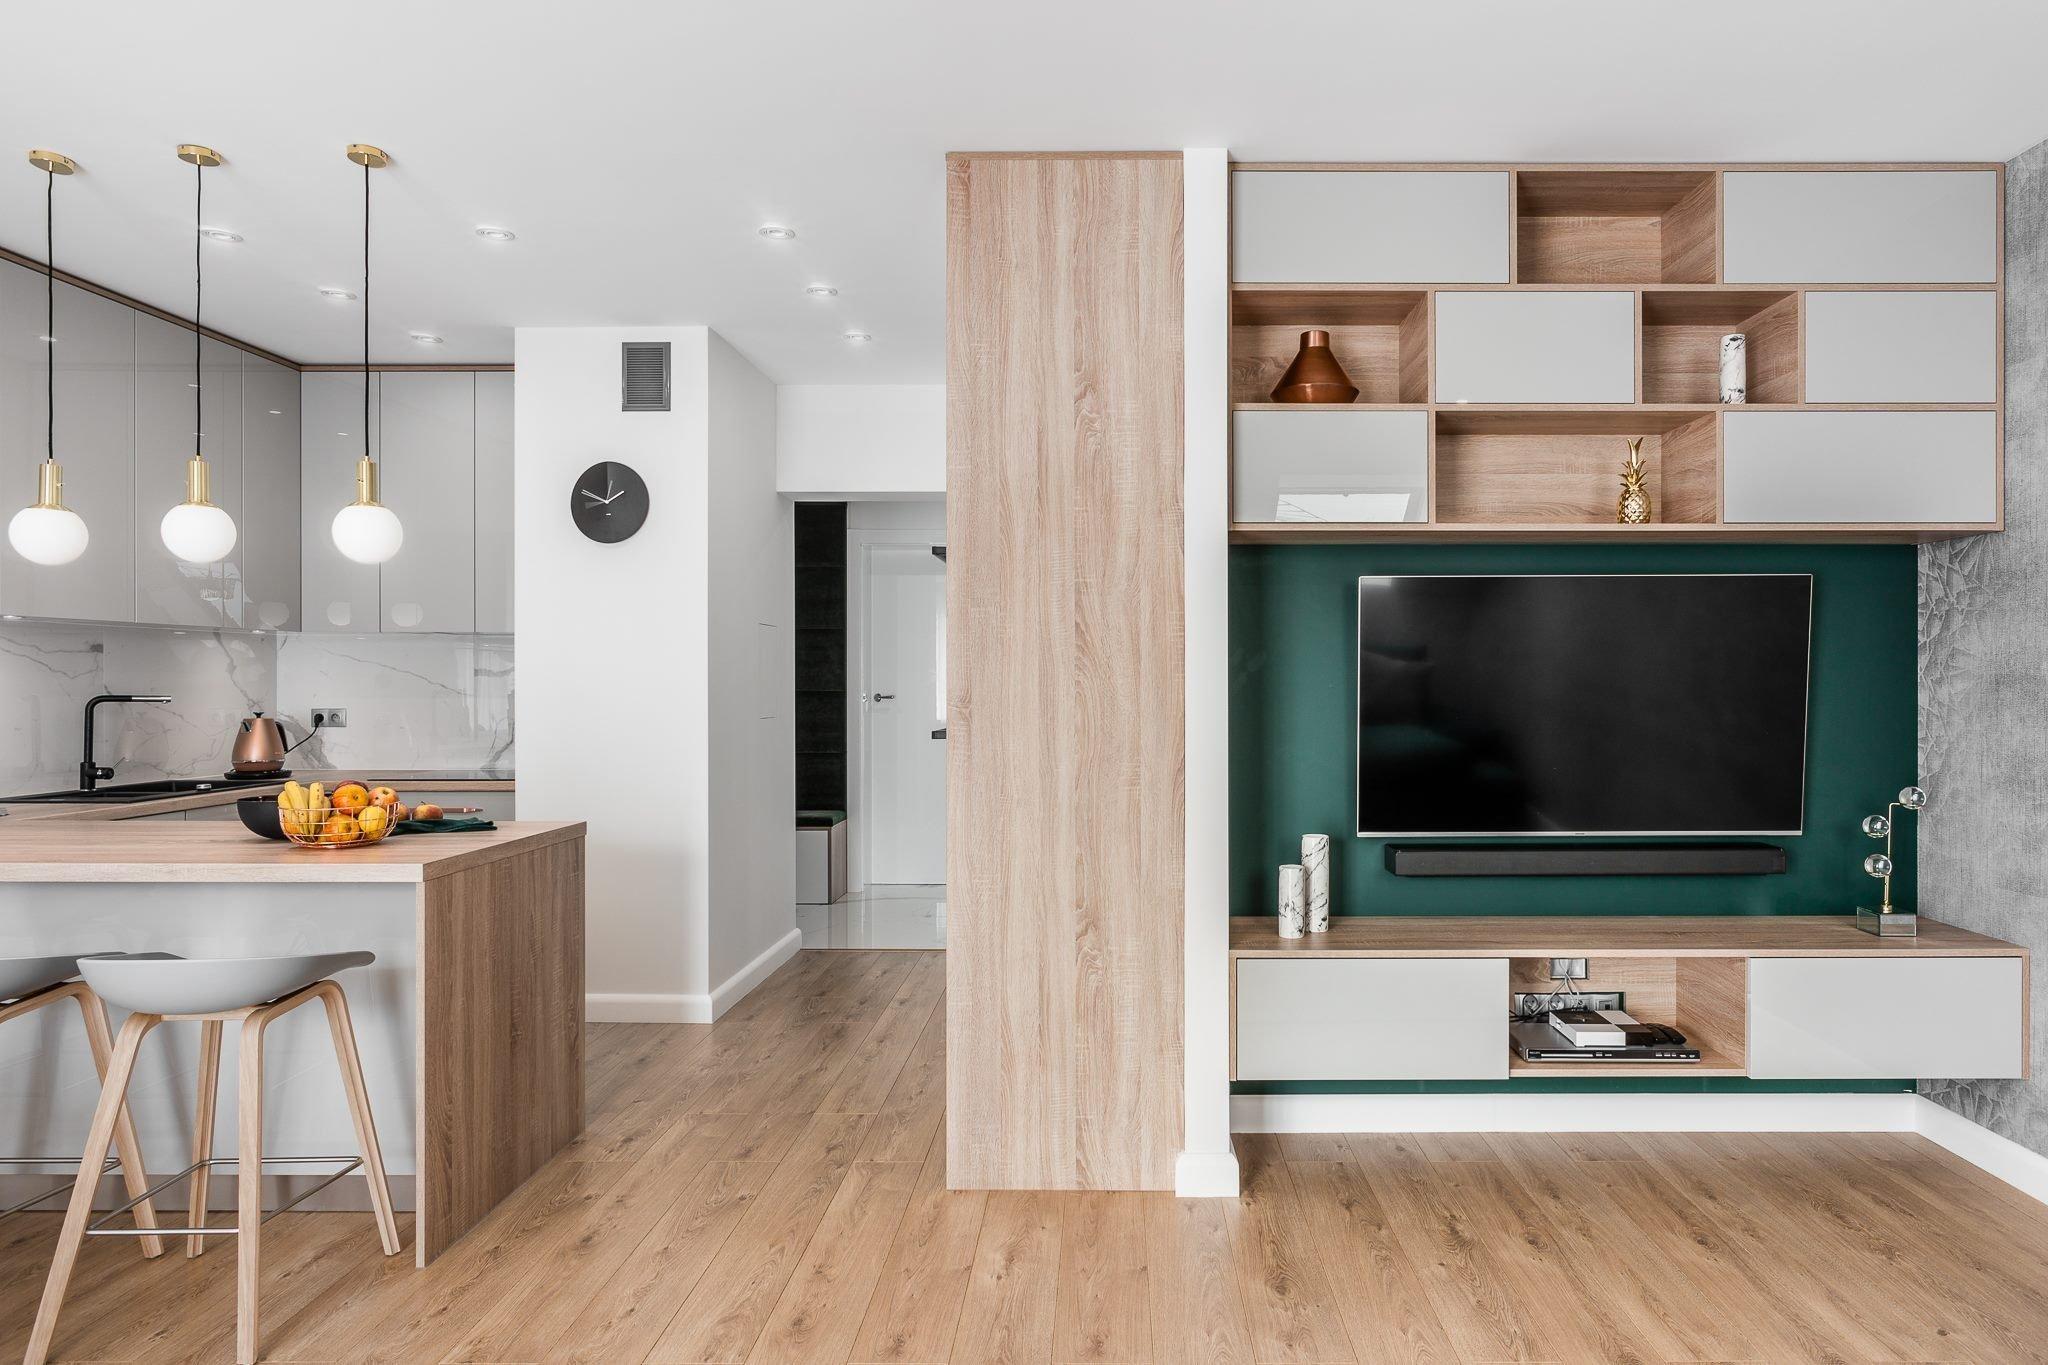 Bydlení podle posledních trendů